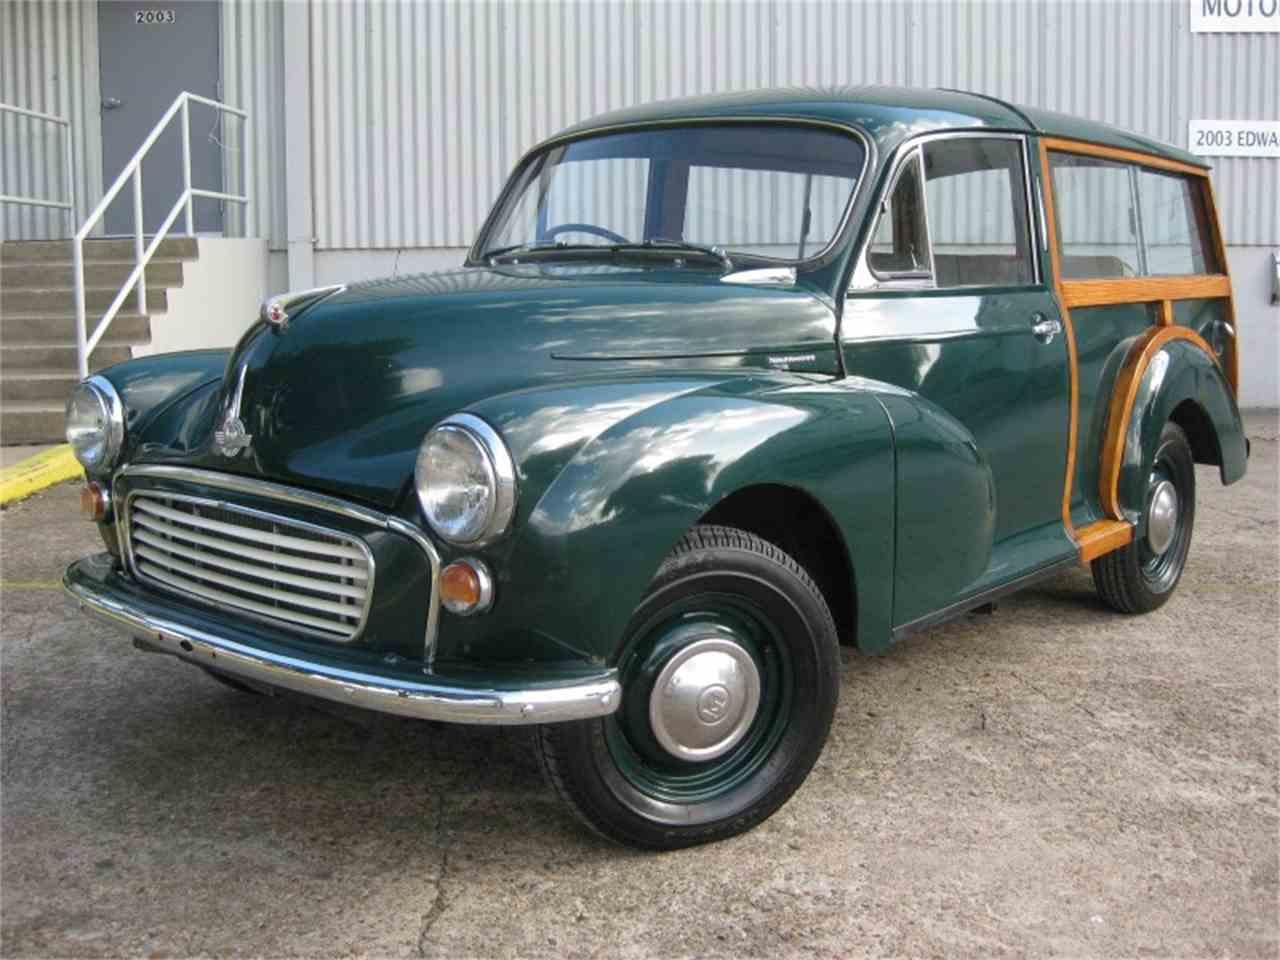 1956 morris minor 1000 2dr traveler for sale classiccars. Black Bedroom Furniture Sets. Home Design Ideas